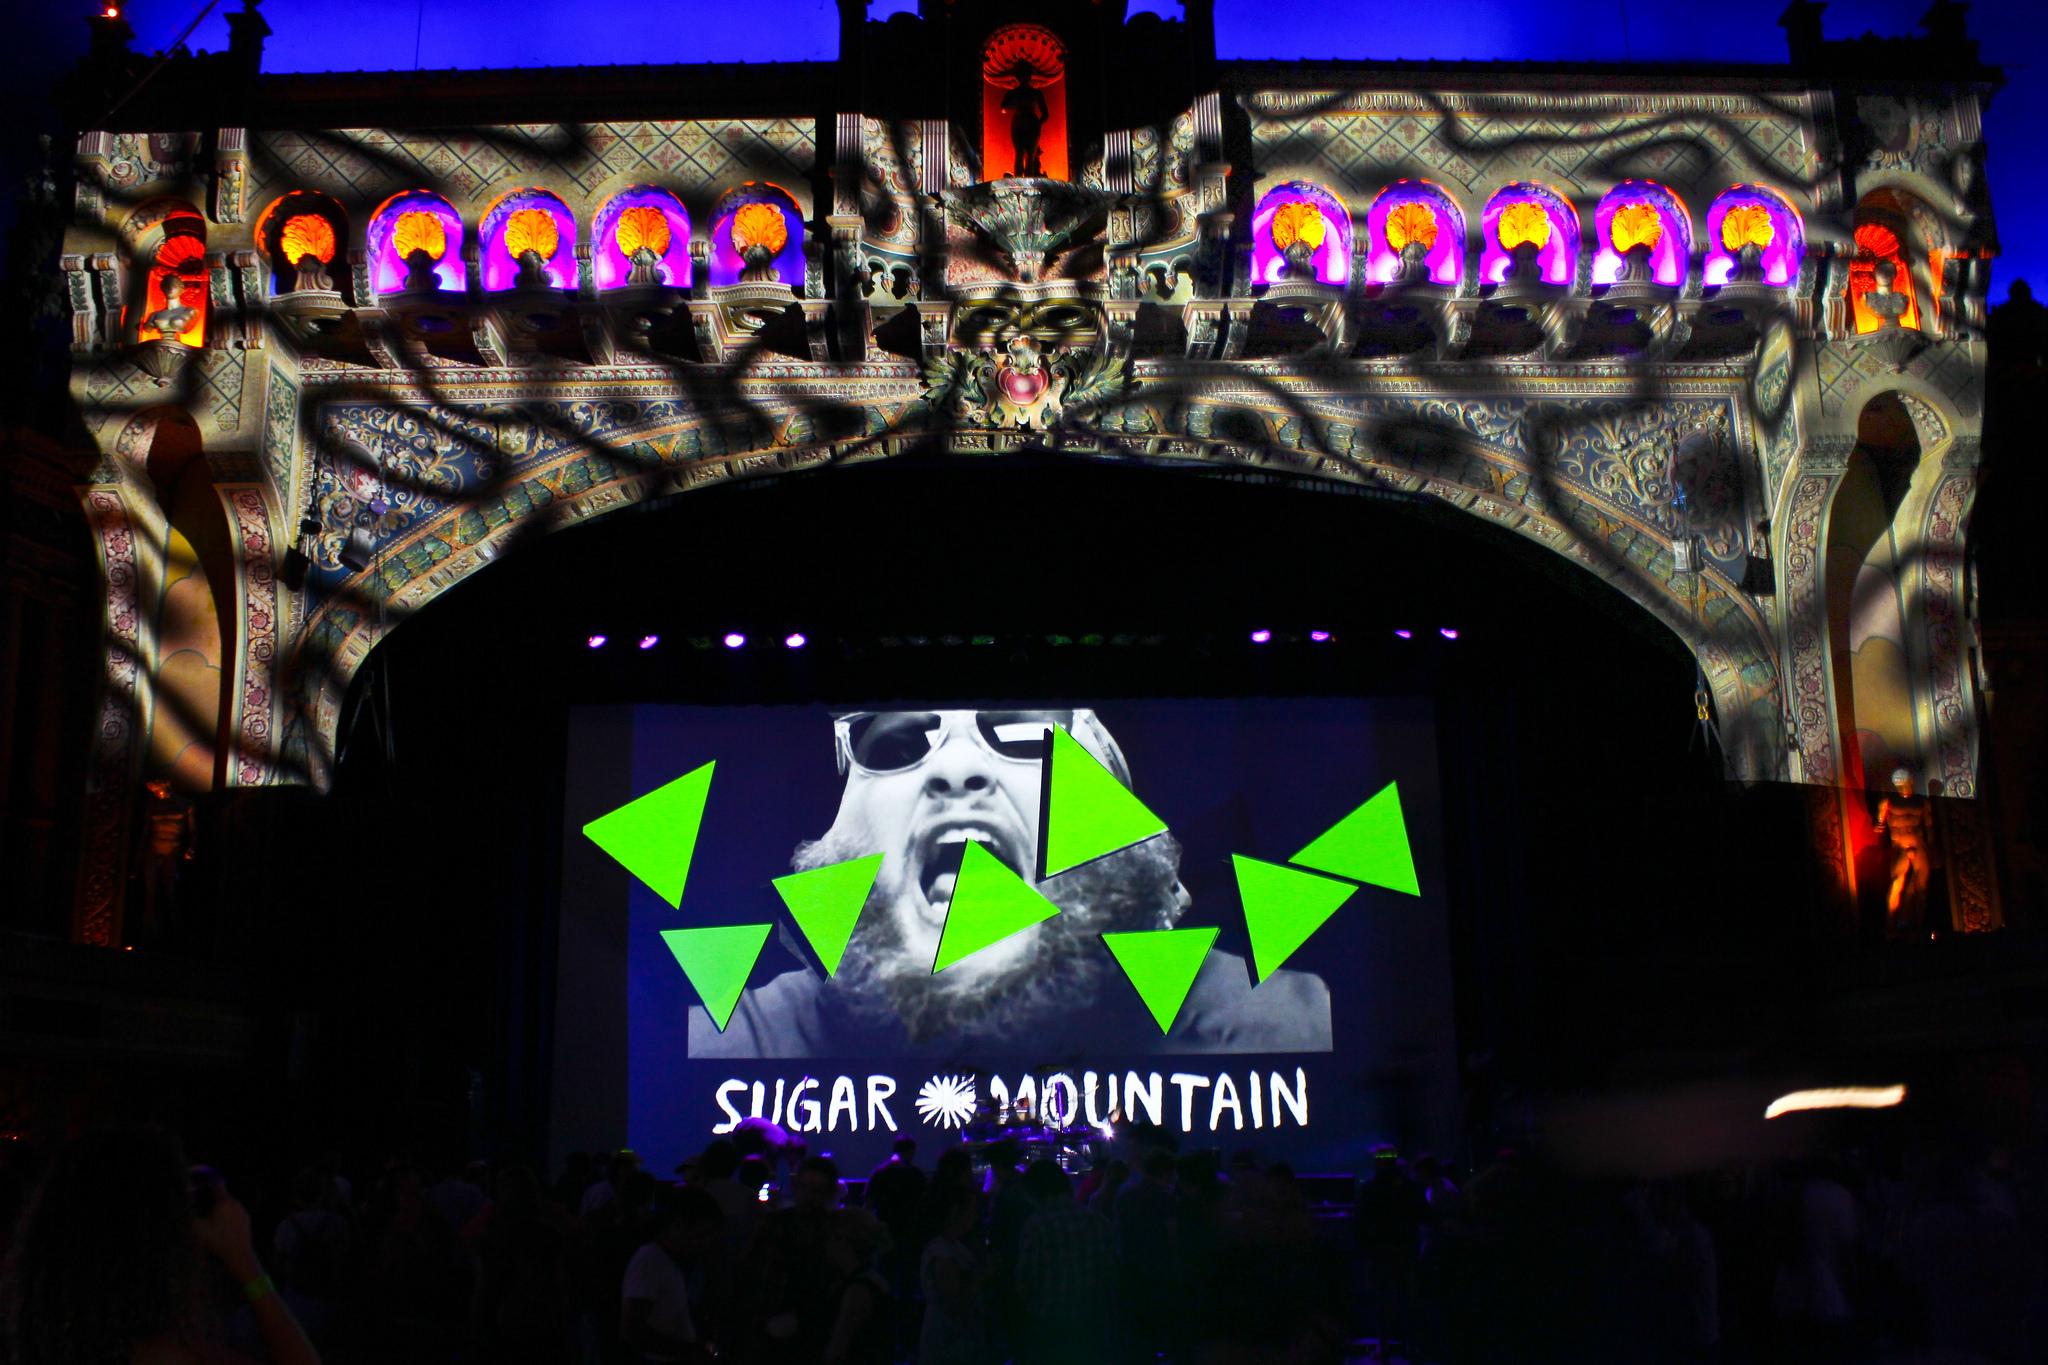 SugarMountainFestival_7.jpg